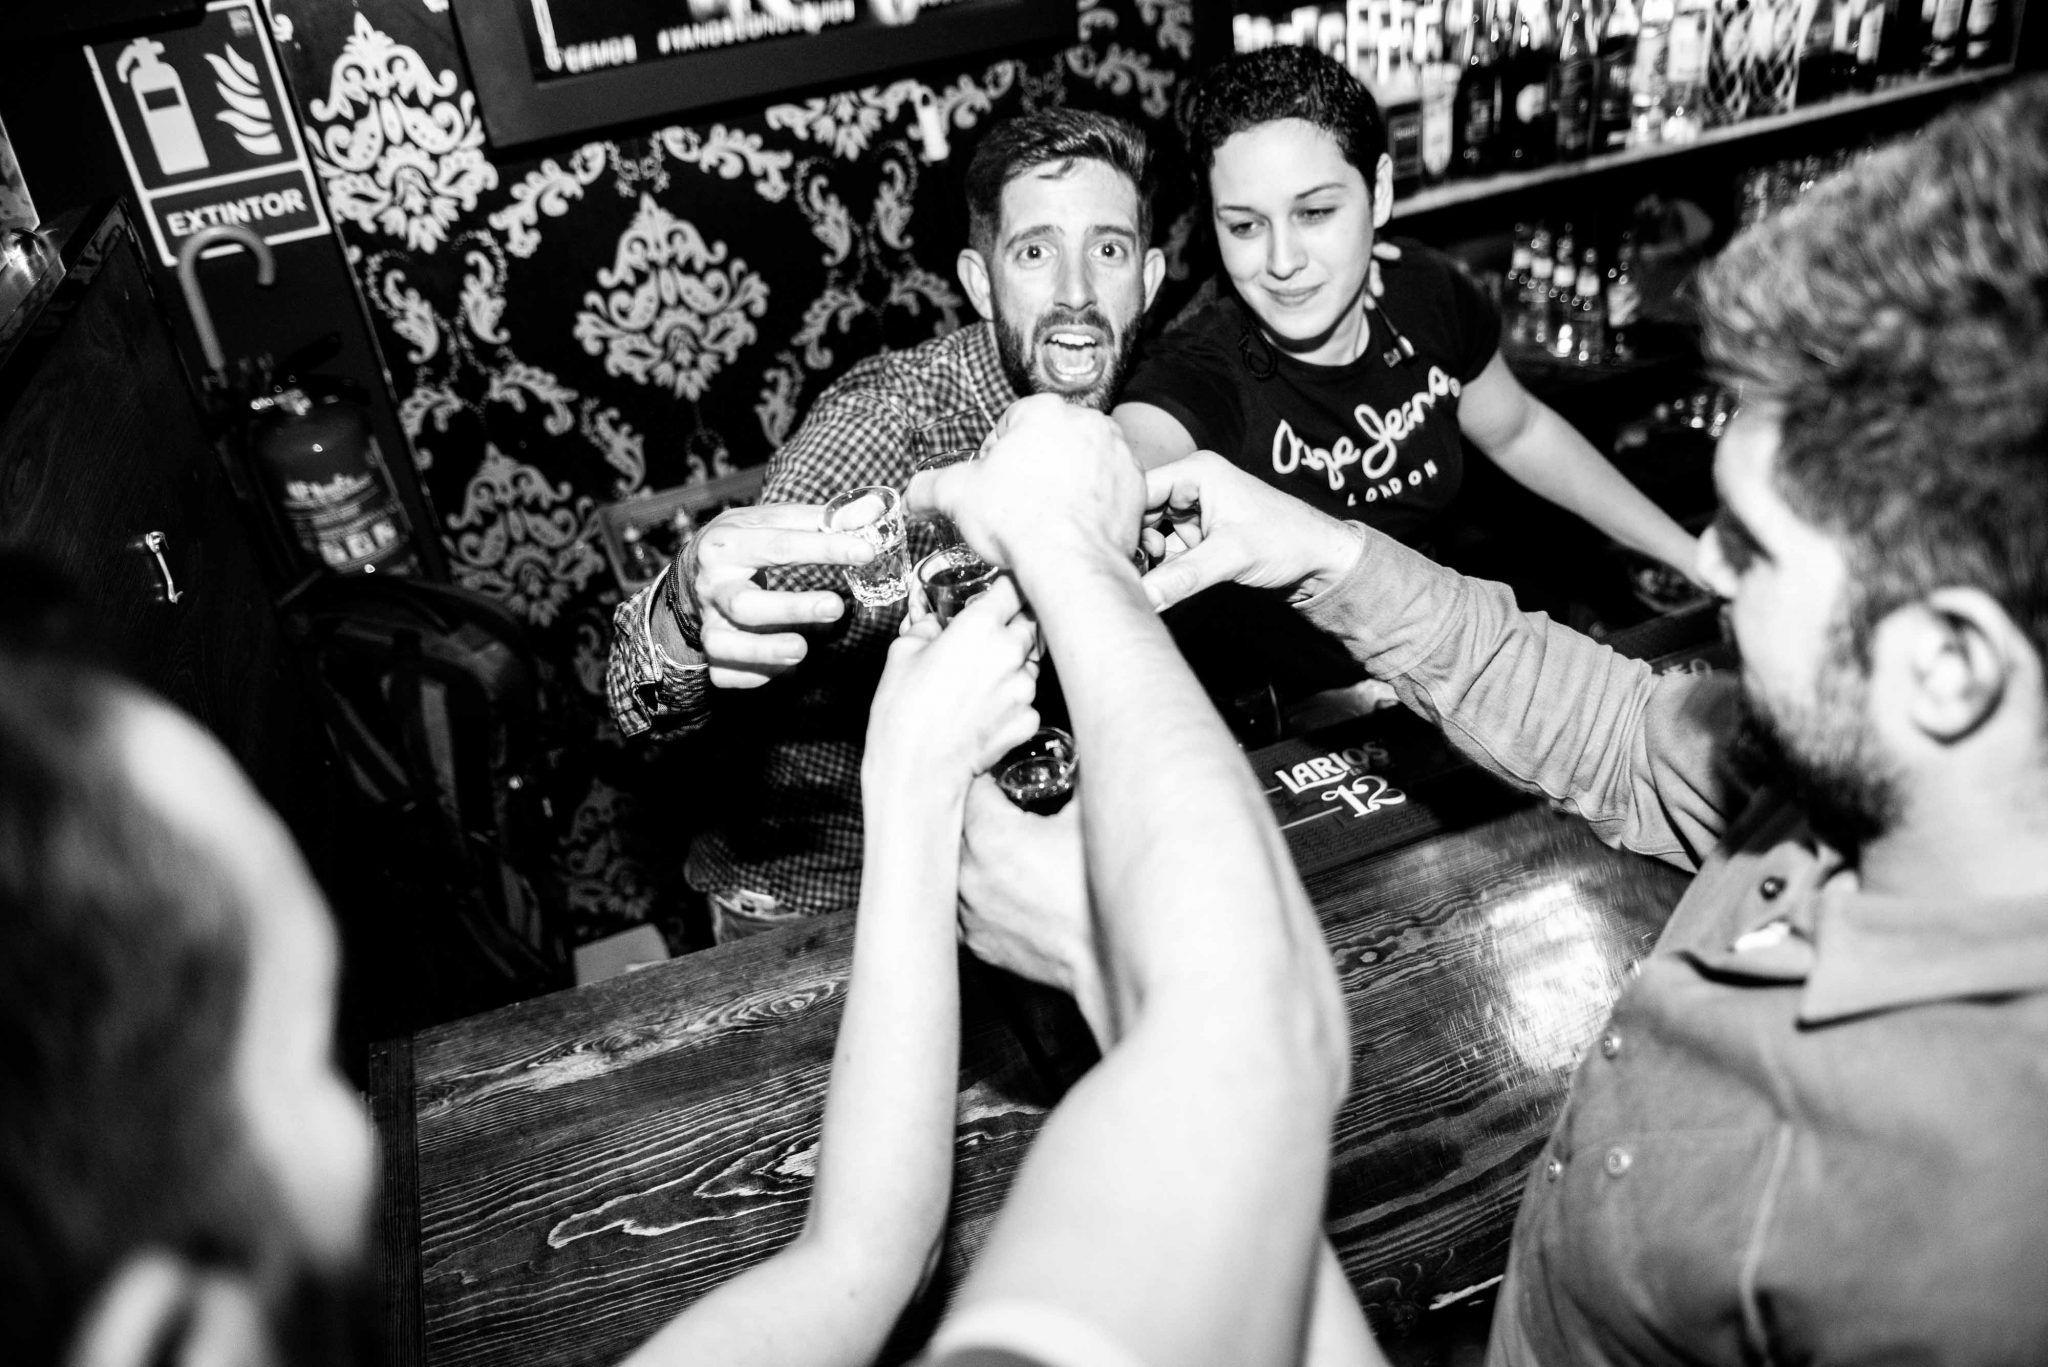 Las discotecas de moda para mayores de 30 años en Madrid